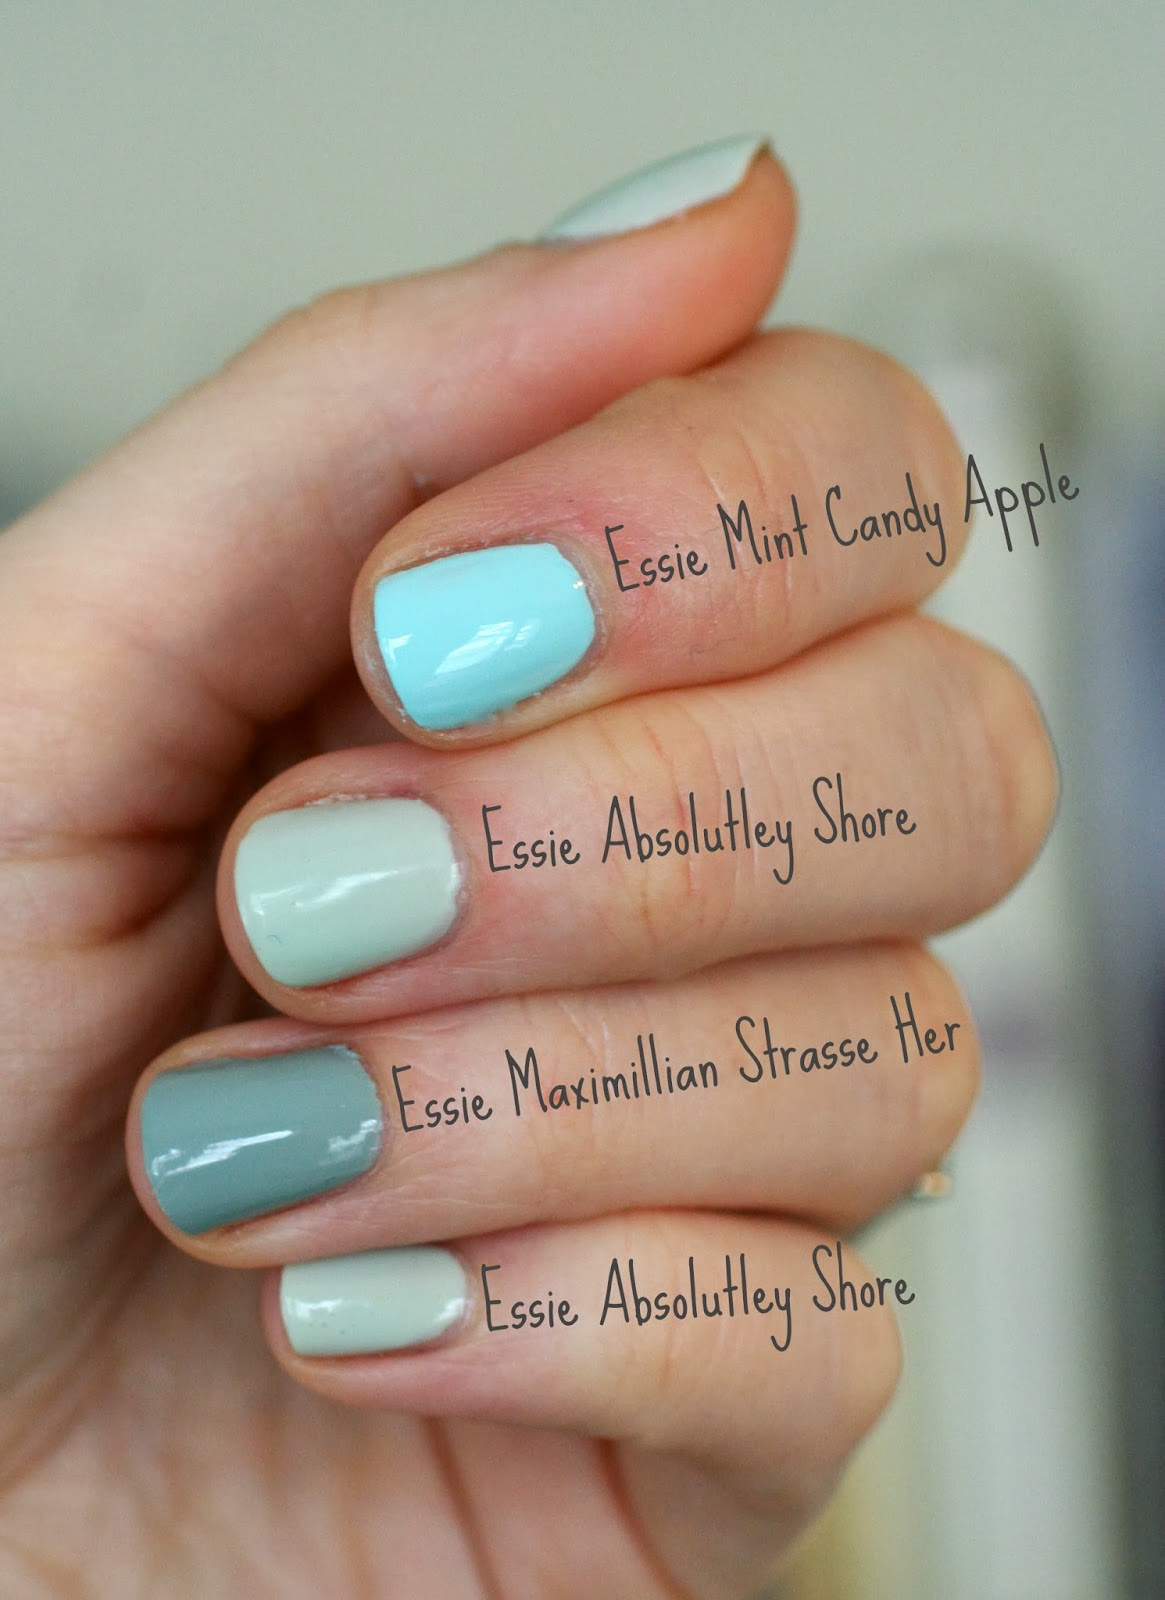 Essie Absolutely Shore | Essie Envy